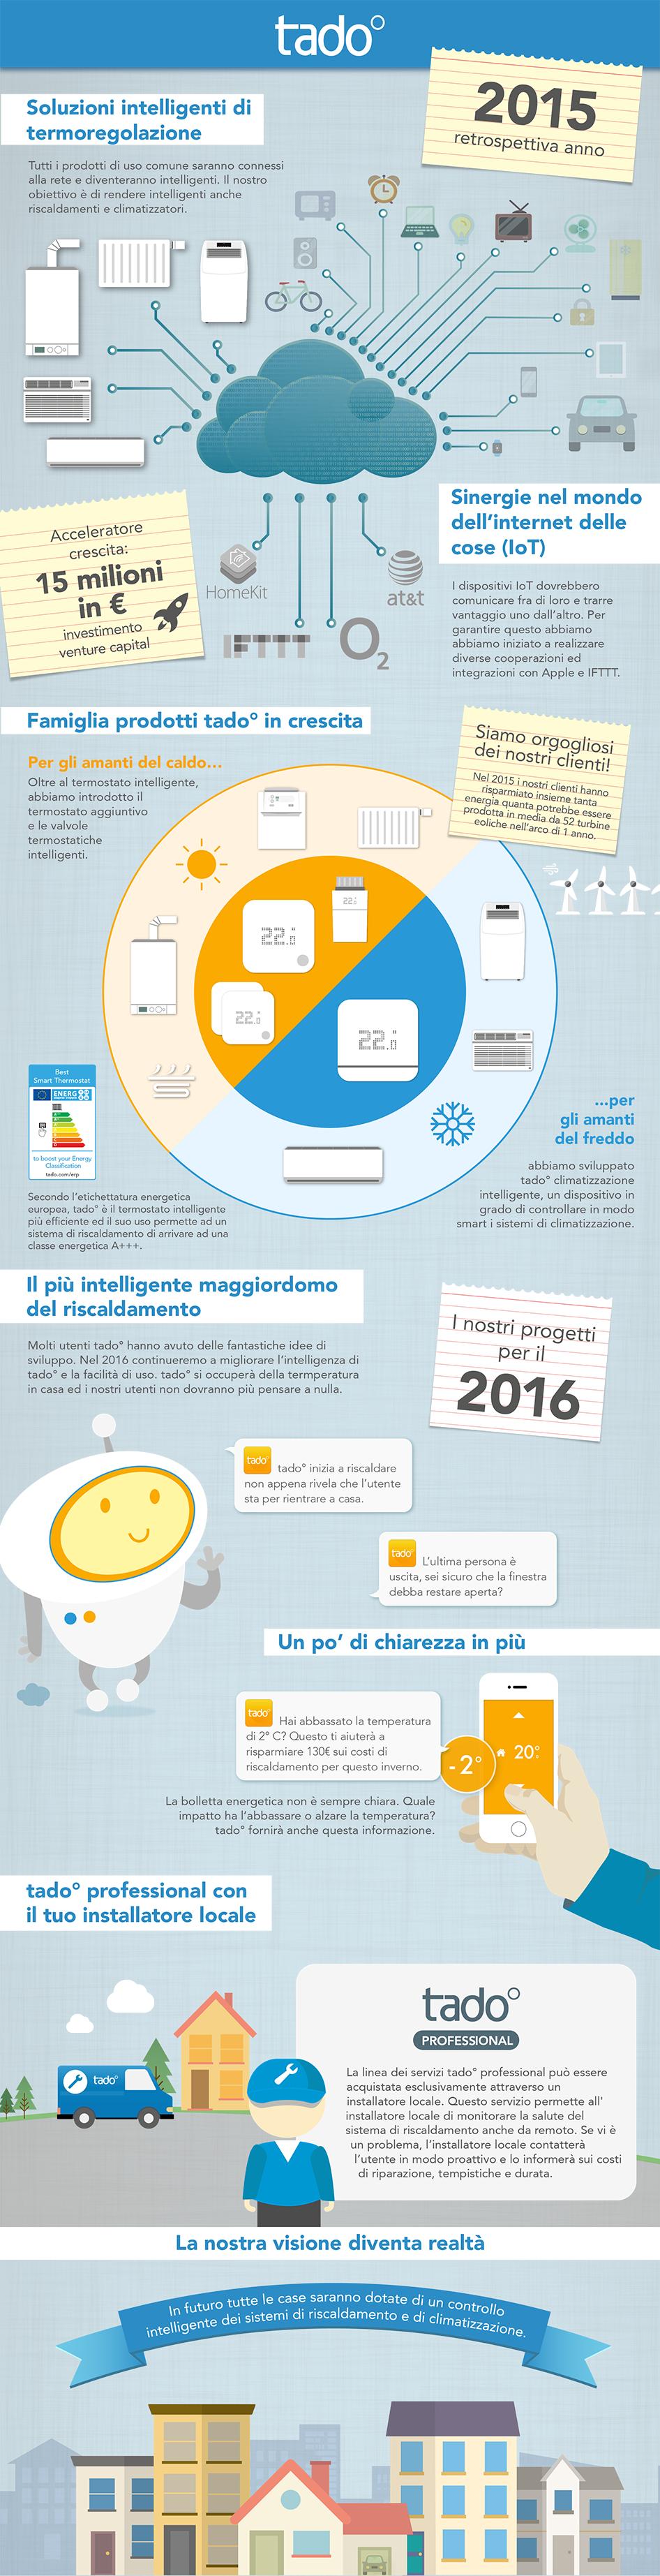 infografica tado 2015